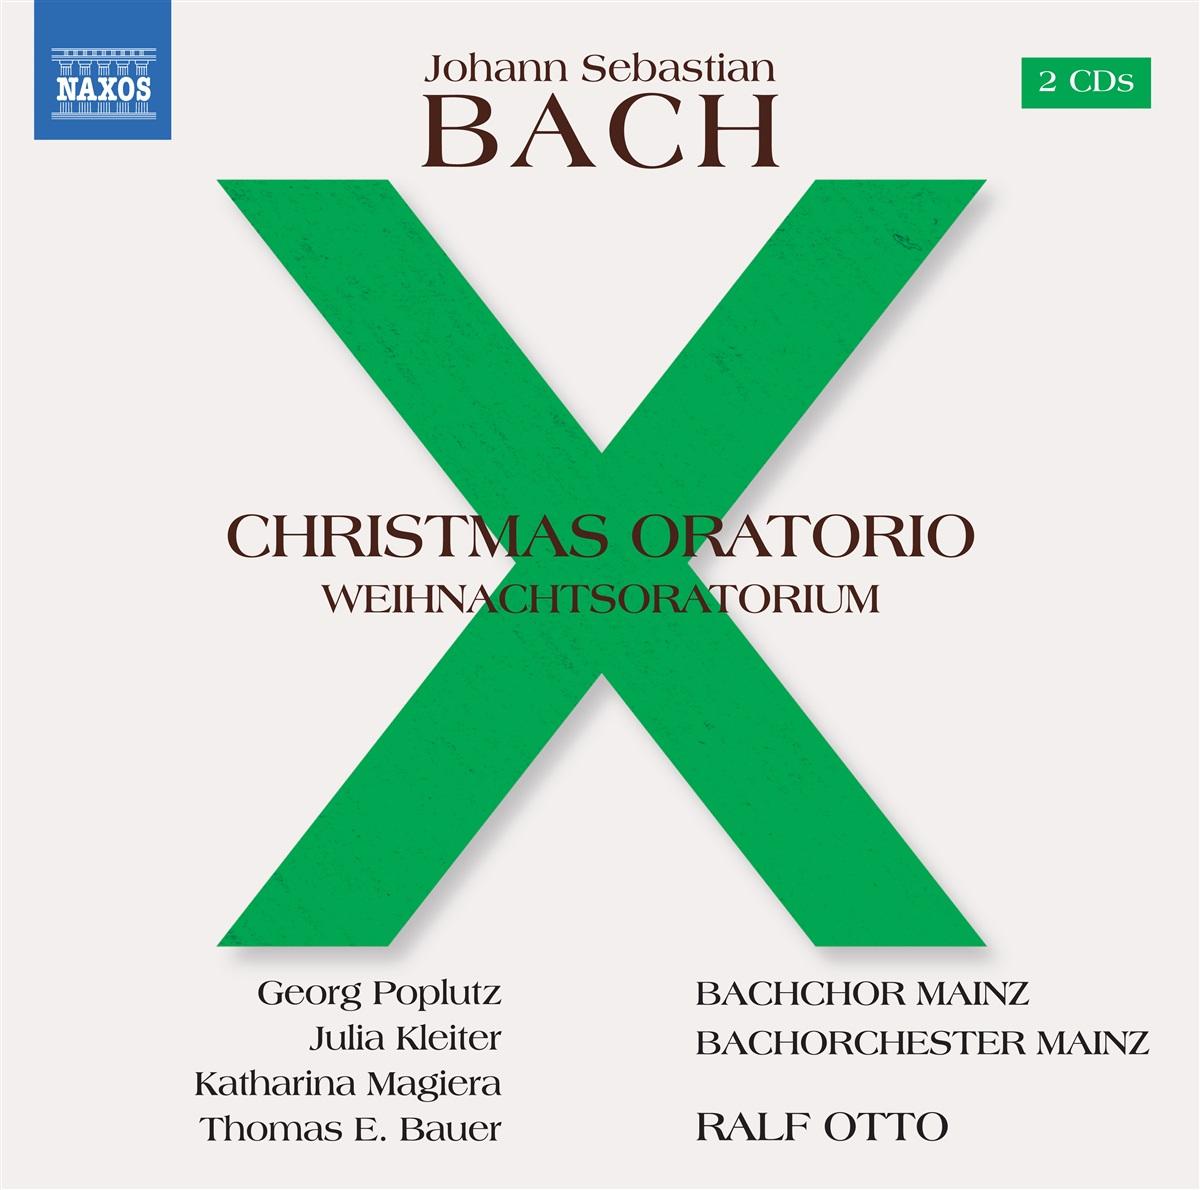 Johann Sebastian Bach, Weihnachtsoratorium